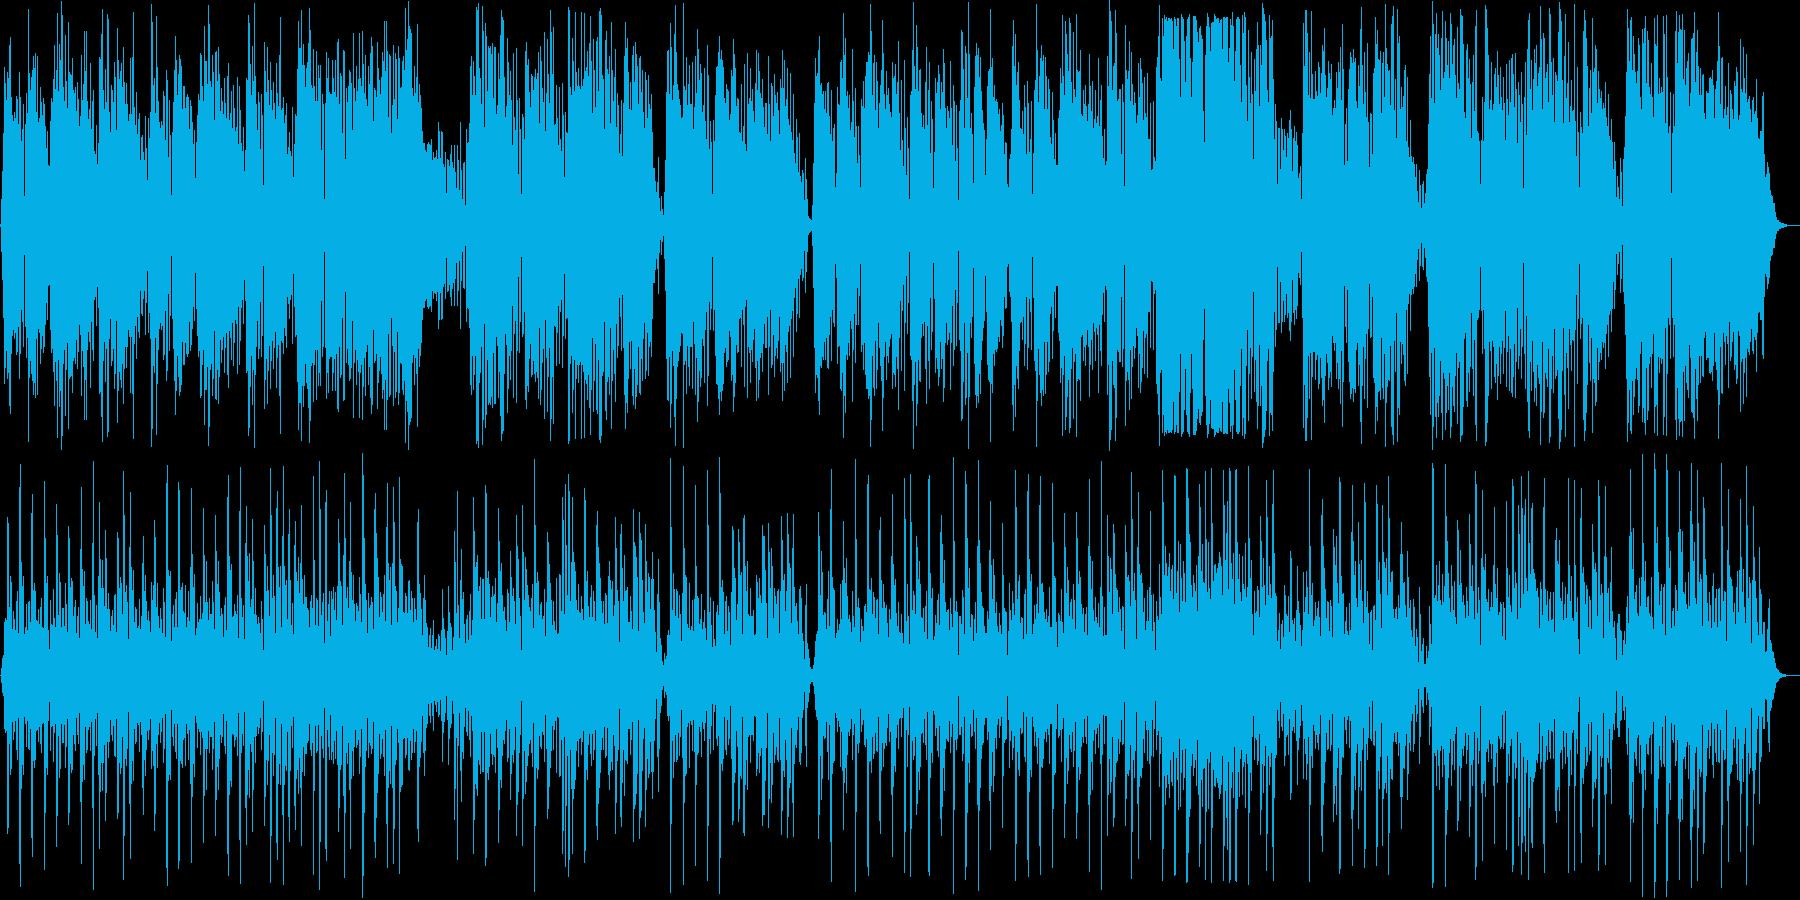 弦楽四重奏曲第17番第2楽章セレナーデの再生済みの波形